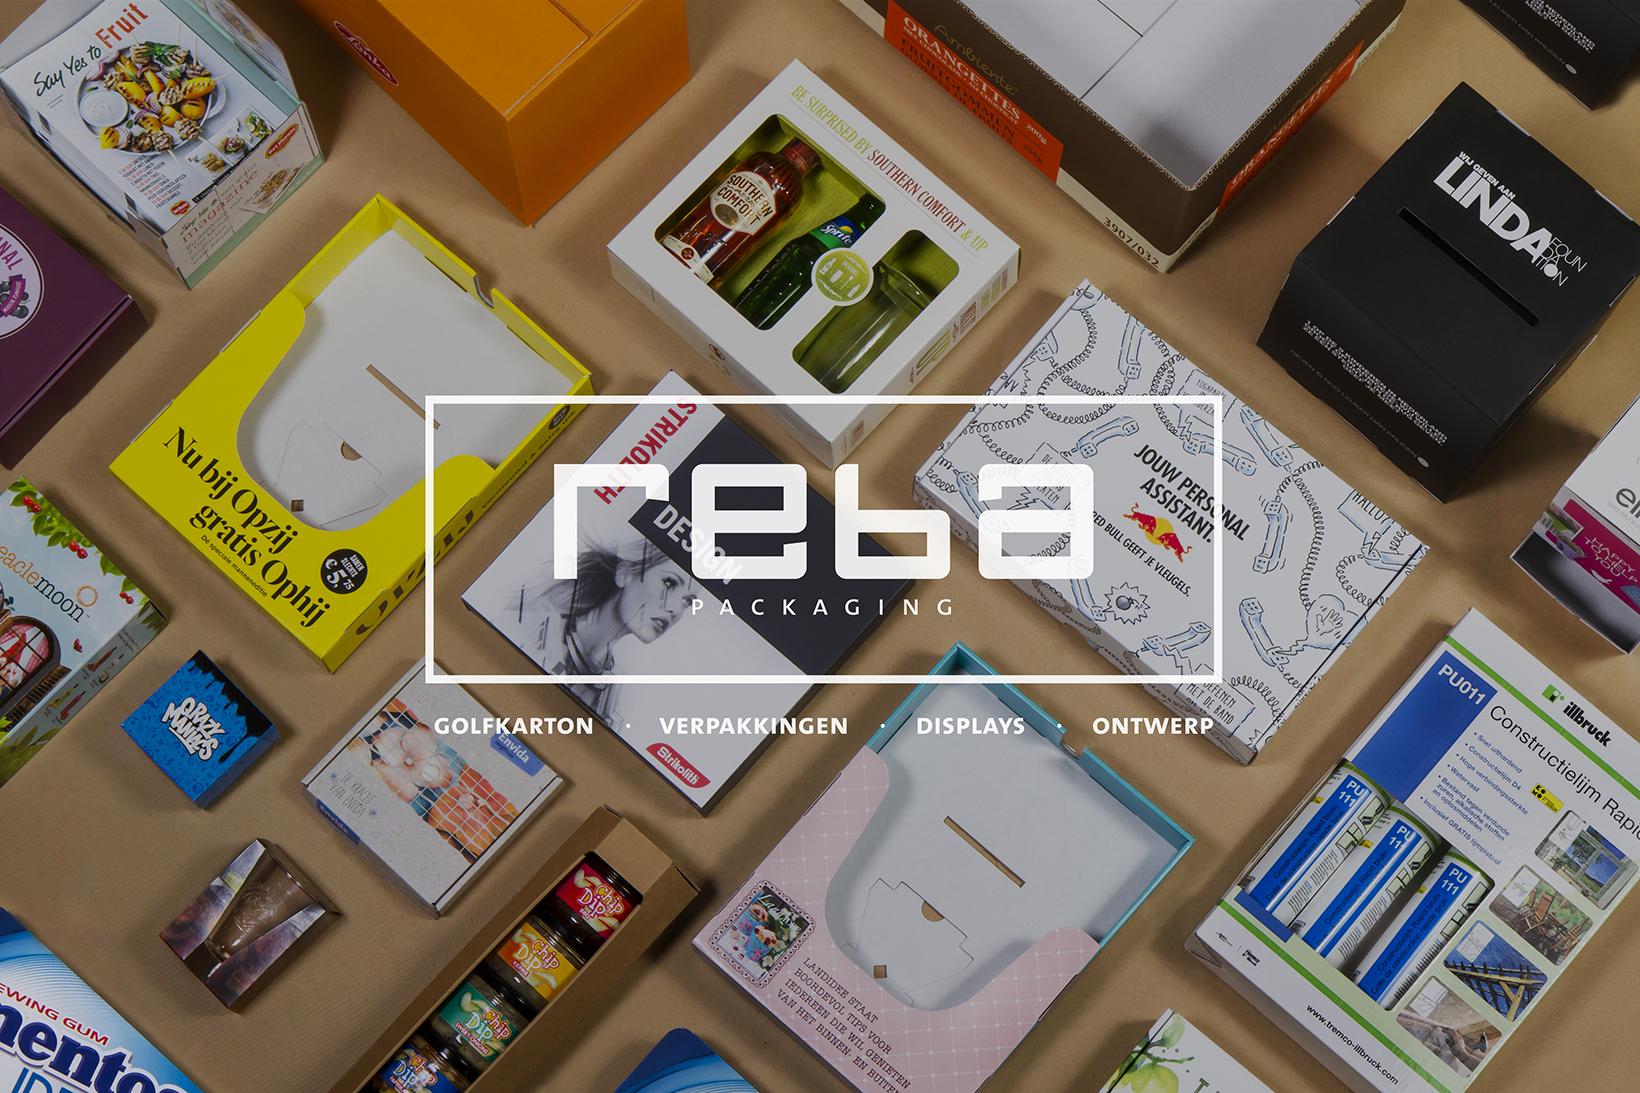 Reba Packaging voor uw gepersonaliseerde golfkarton verpakkingen